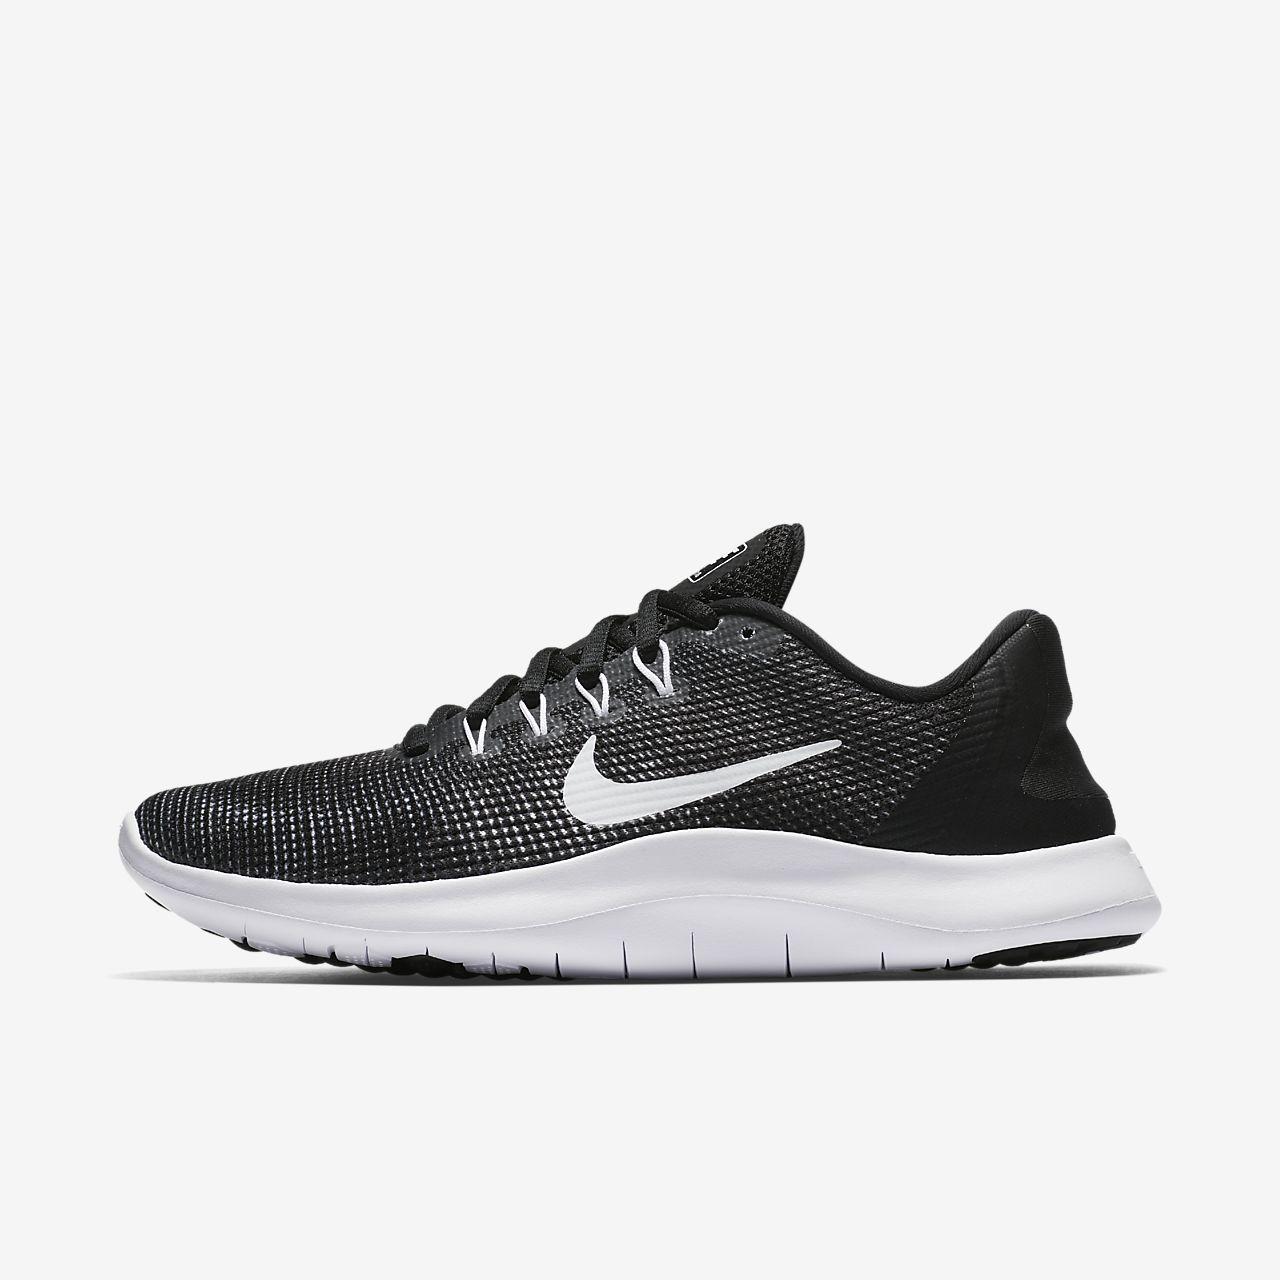 903db6acc7a Nike Flex RN 2018 Zapatillas de running - Mujer. Nike.com ES